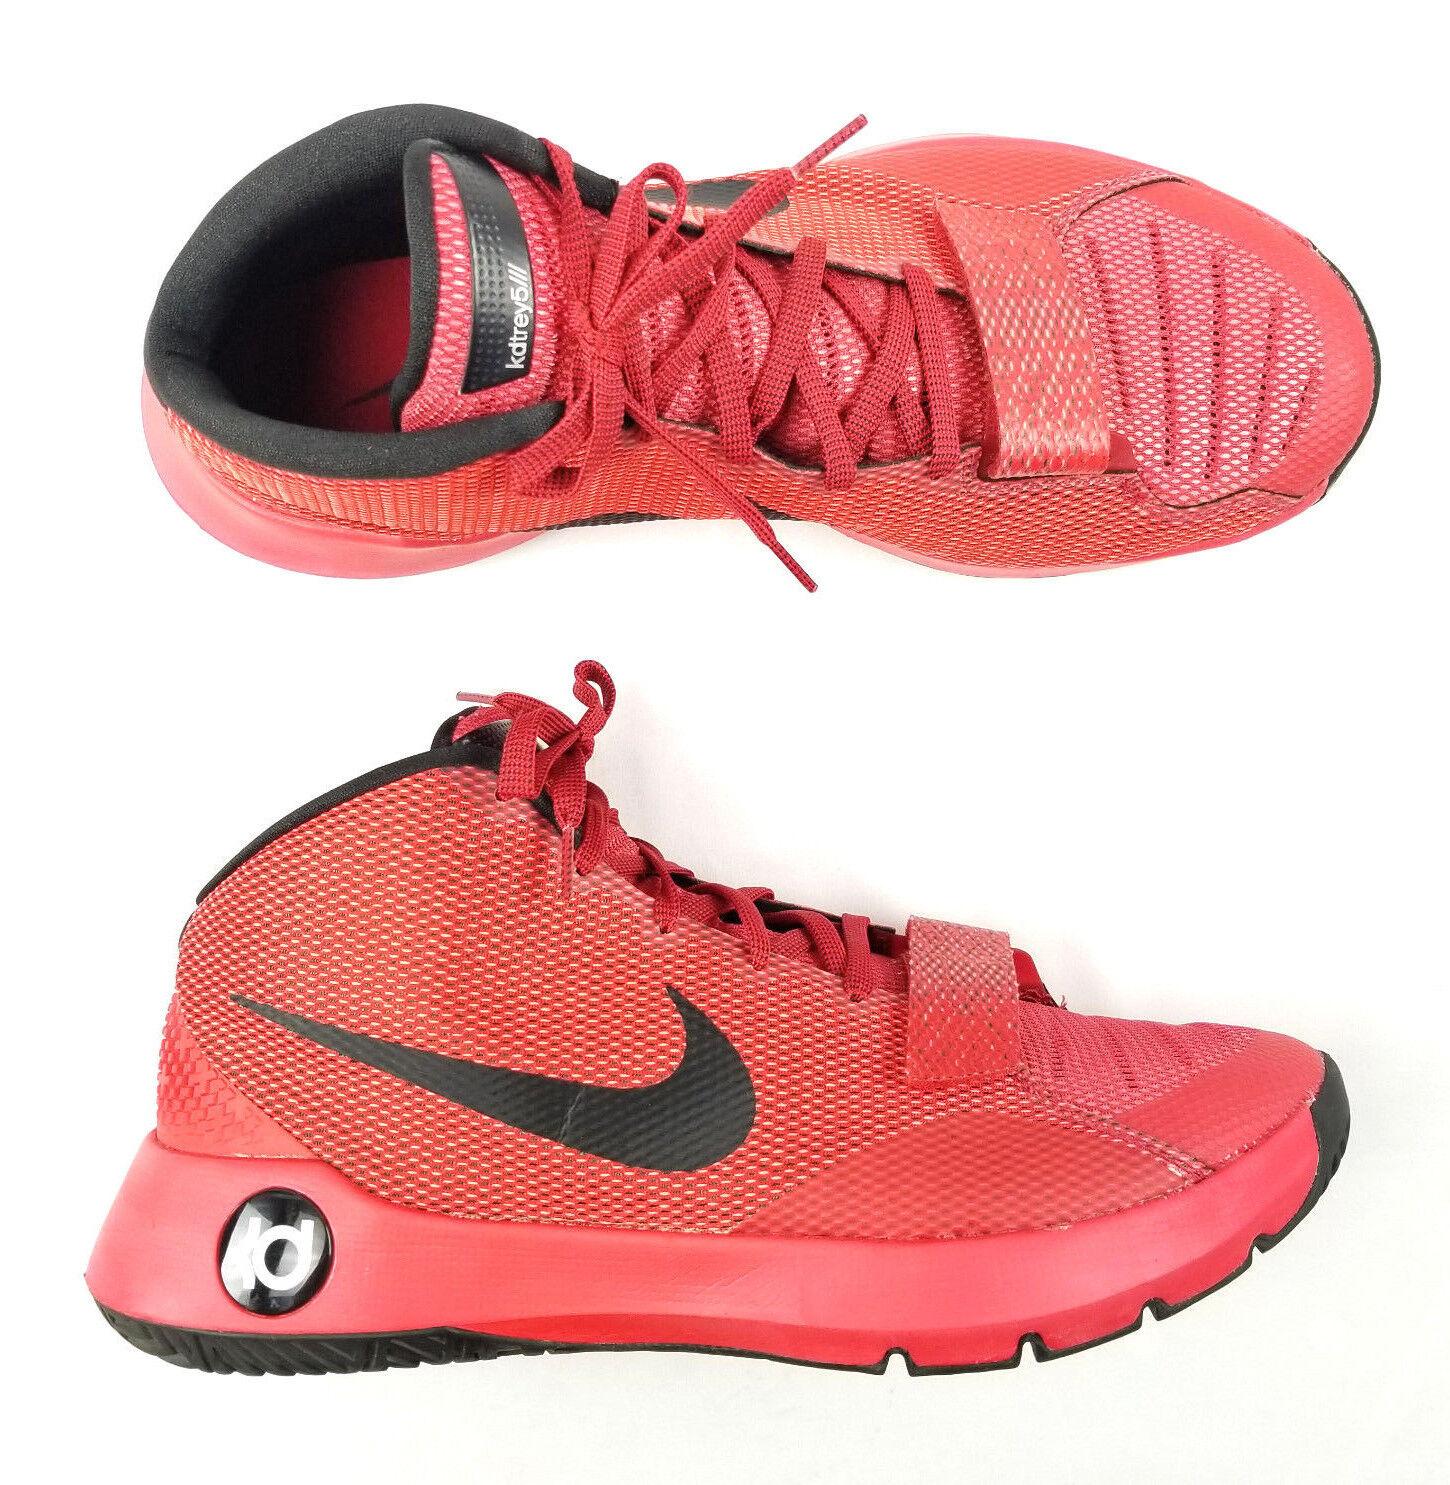 Nike kd trey 5 3 universität rot - schwarz größe. helle rote 749377-606 mens größe. schwarz 4dd320